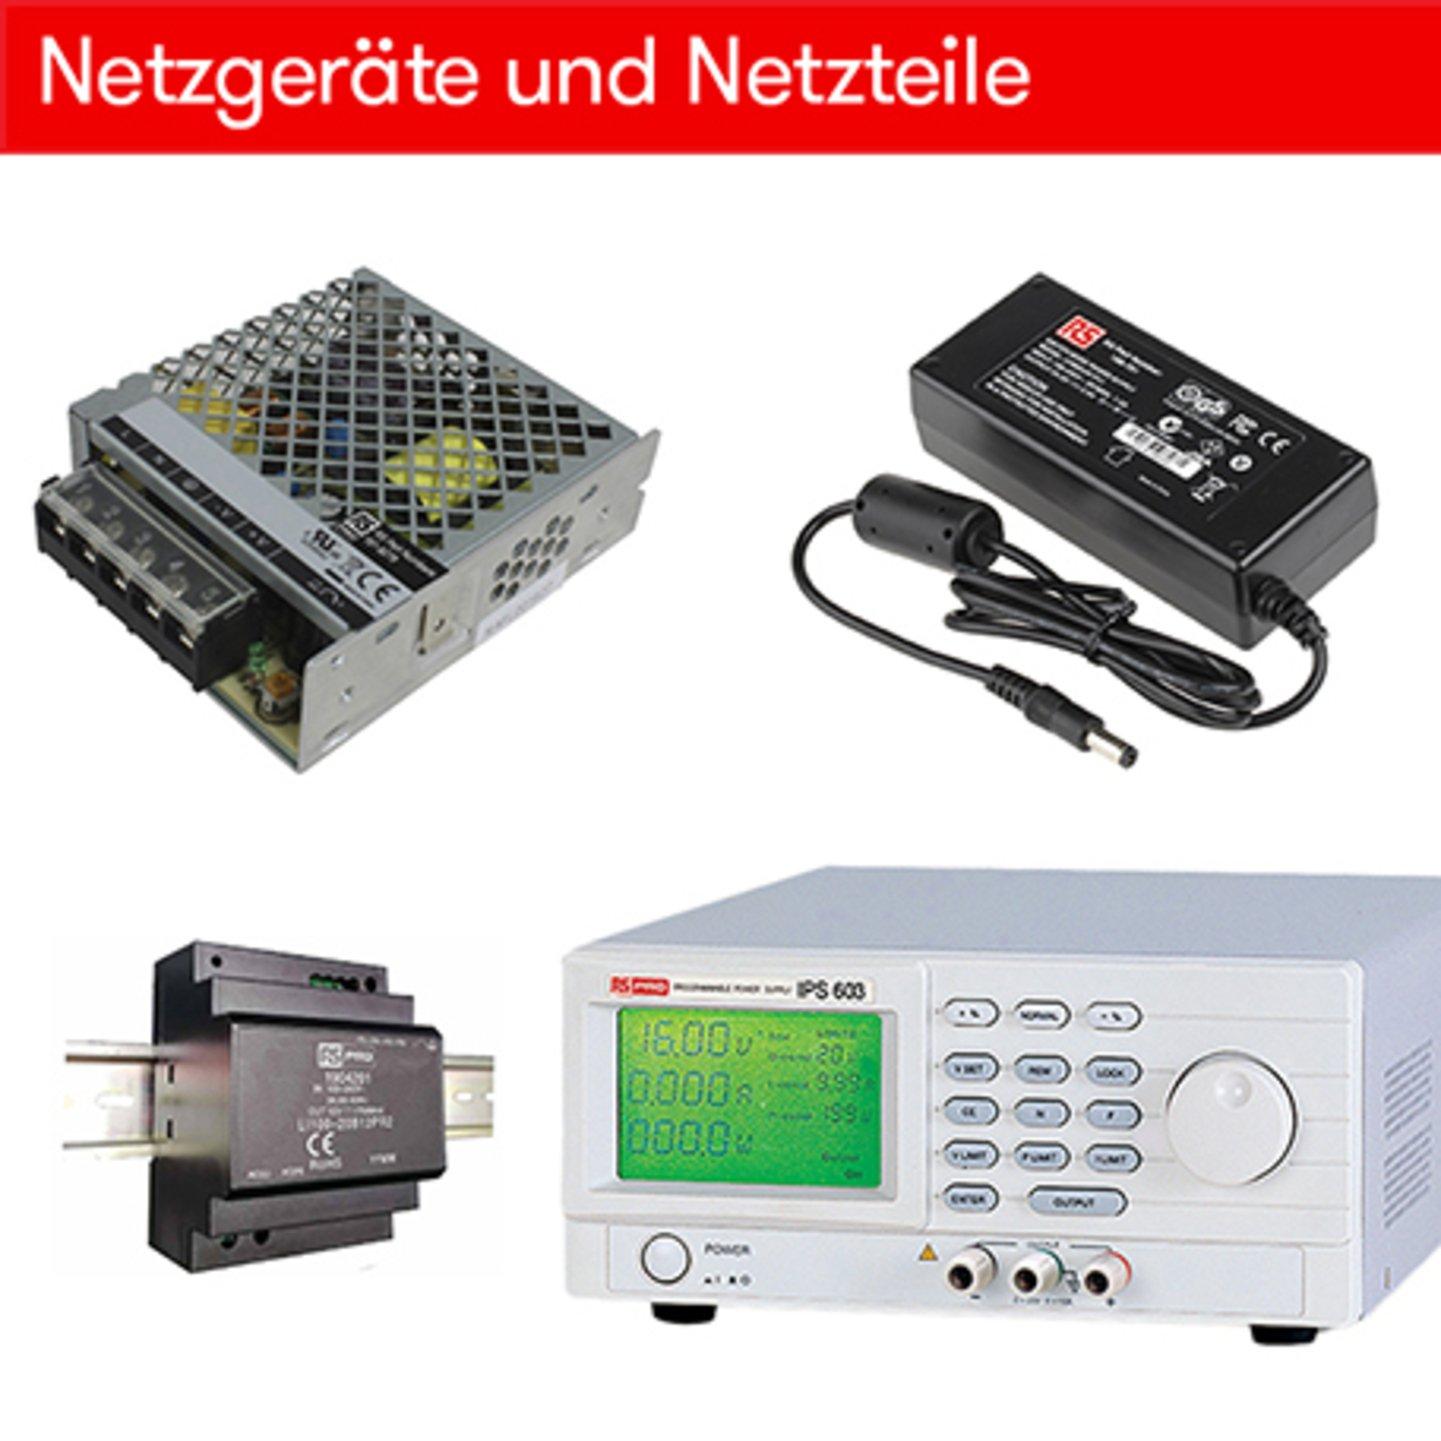 Netzgeräte und Netzteile